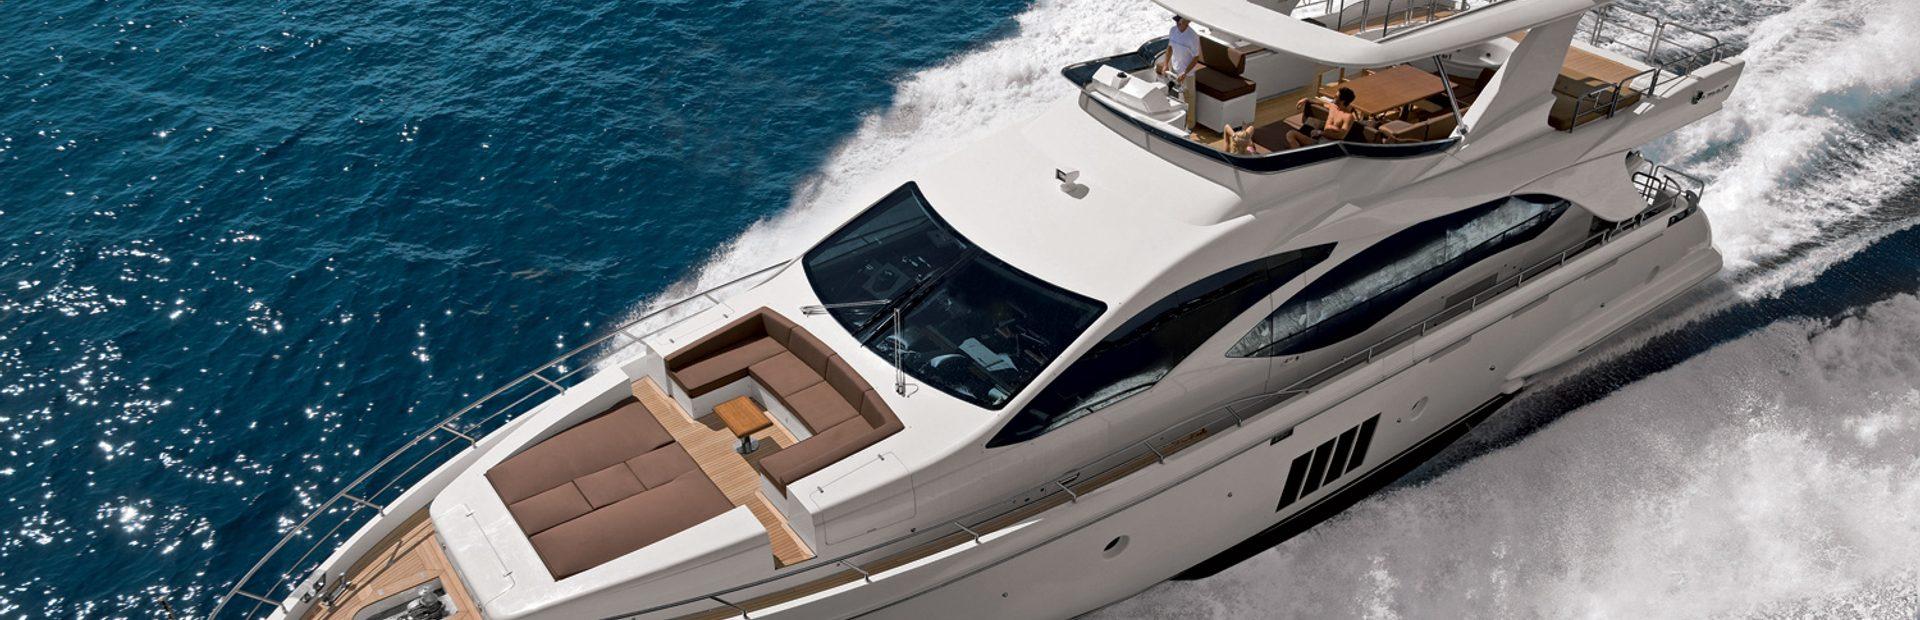 Azimut 84 Yacht Charter